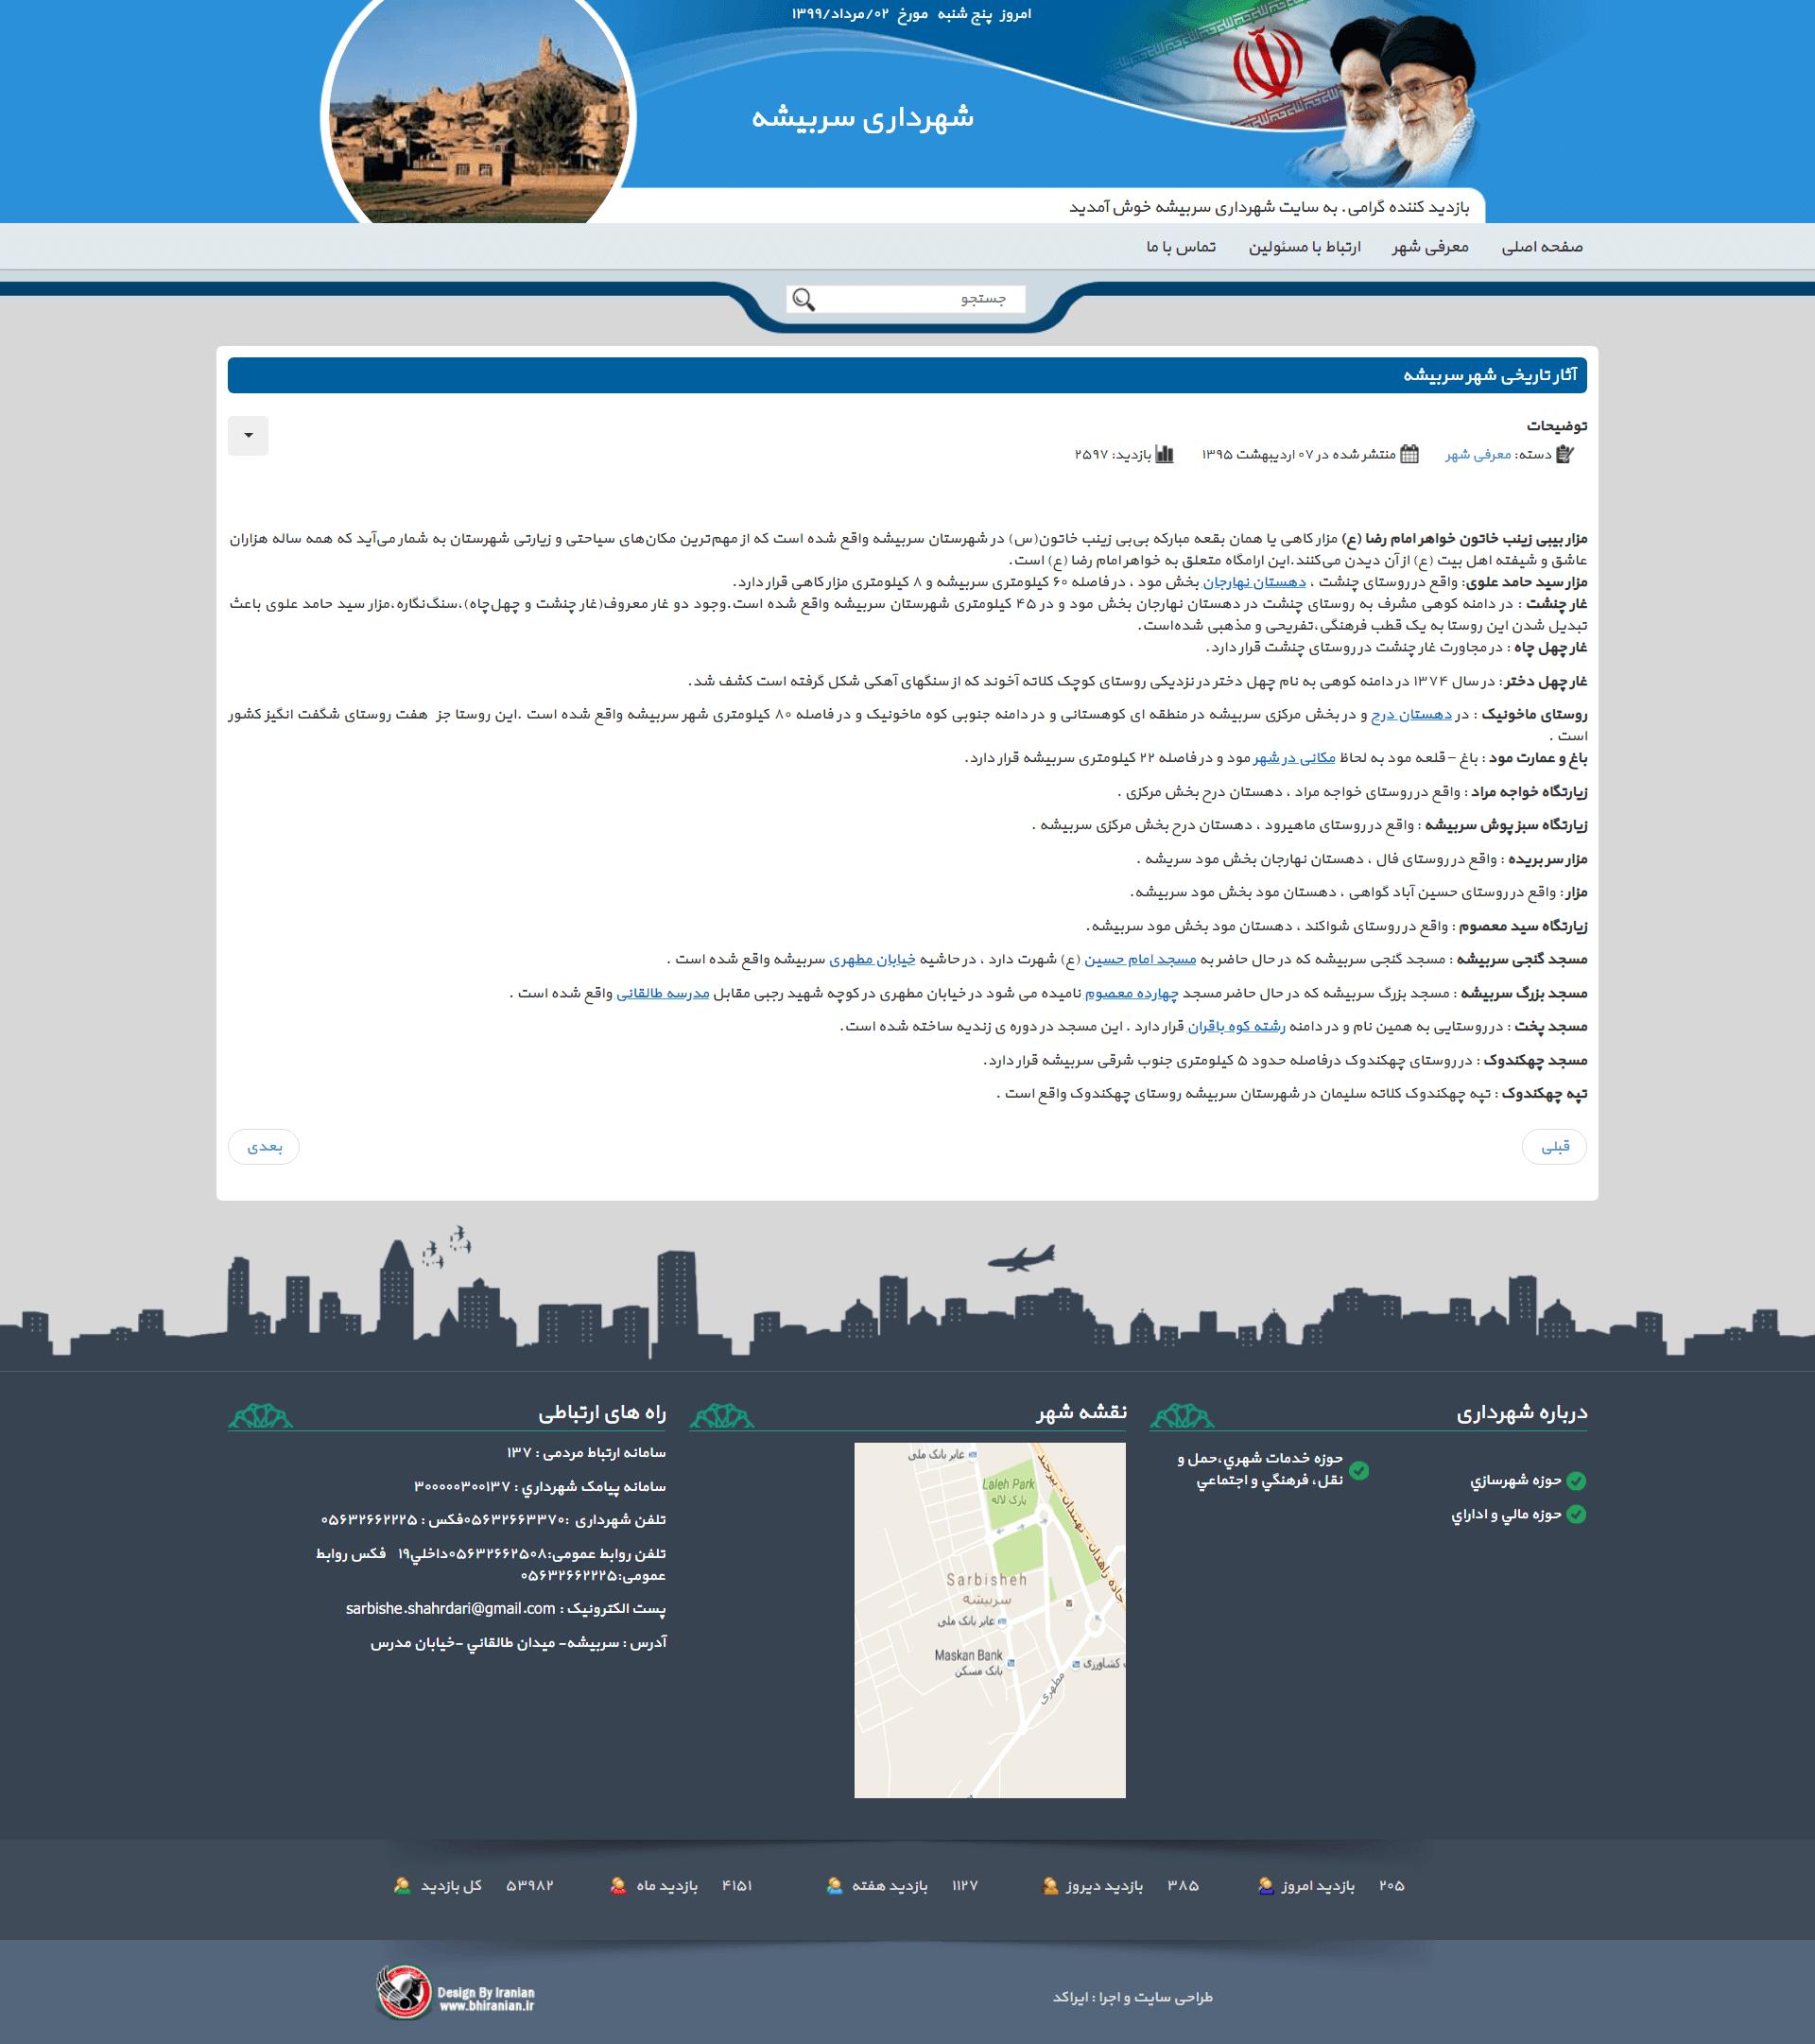 صفحه جاذبه های گردشگری شهرستان سربیشه